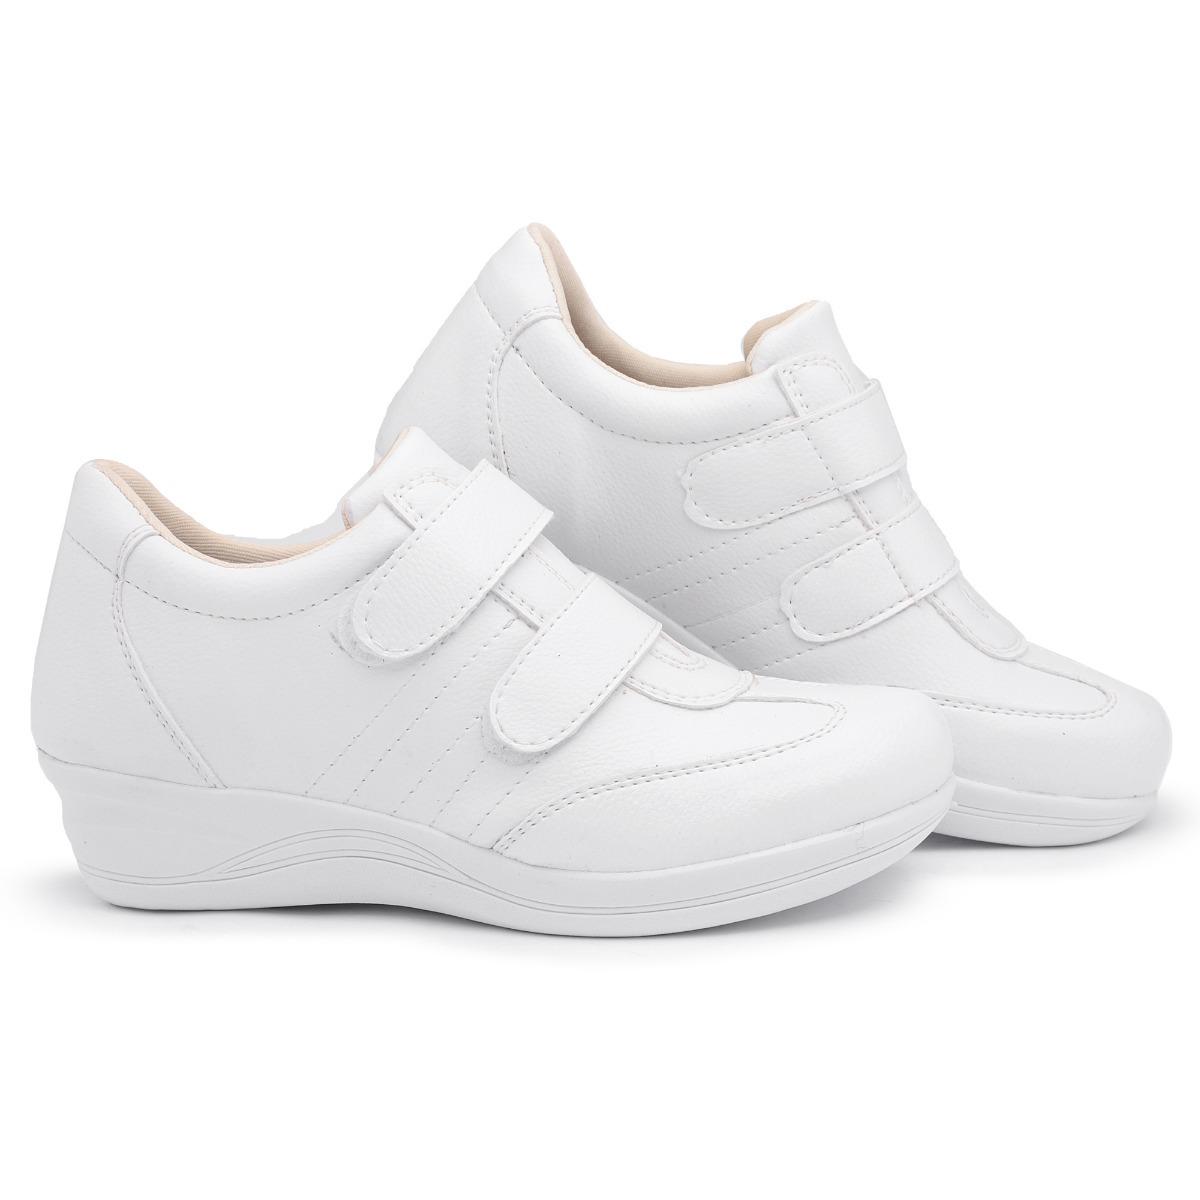 c538bb144ac tênis sapatênis feminino ortopédico promoção várias cores. Carregando  zoom... tênis sapatênis feminino. Carregando zoom.